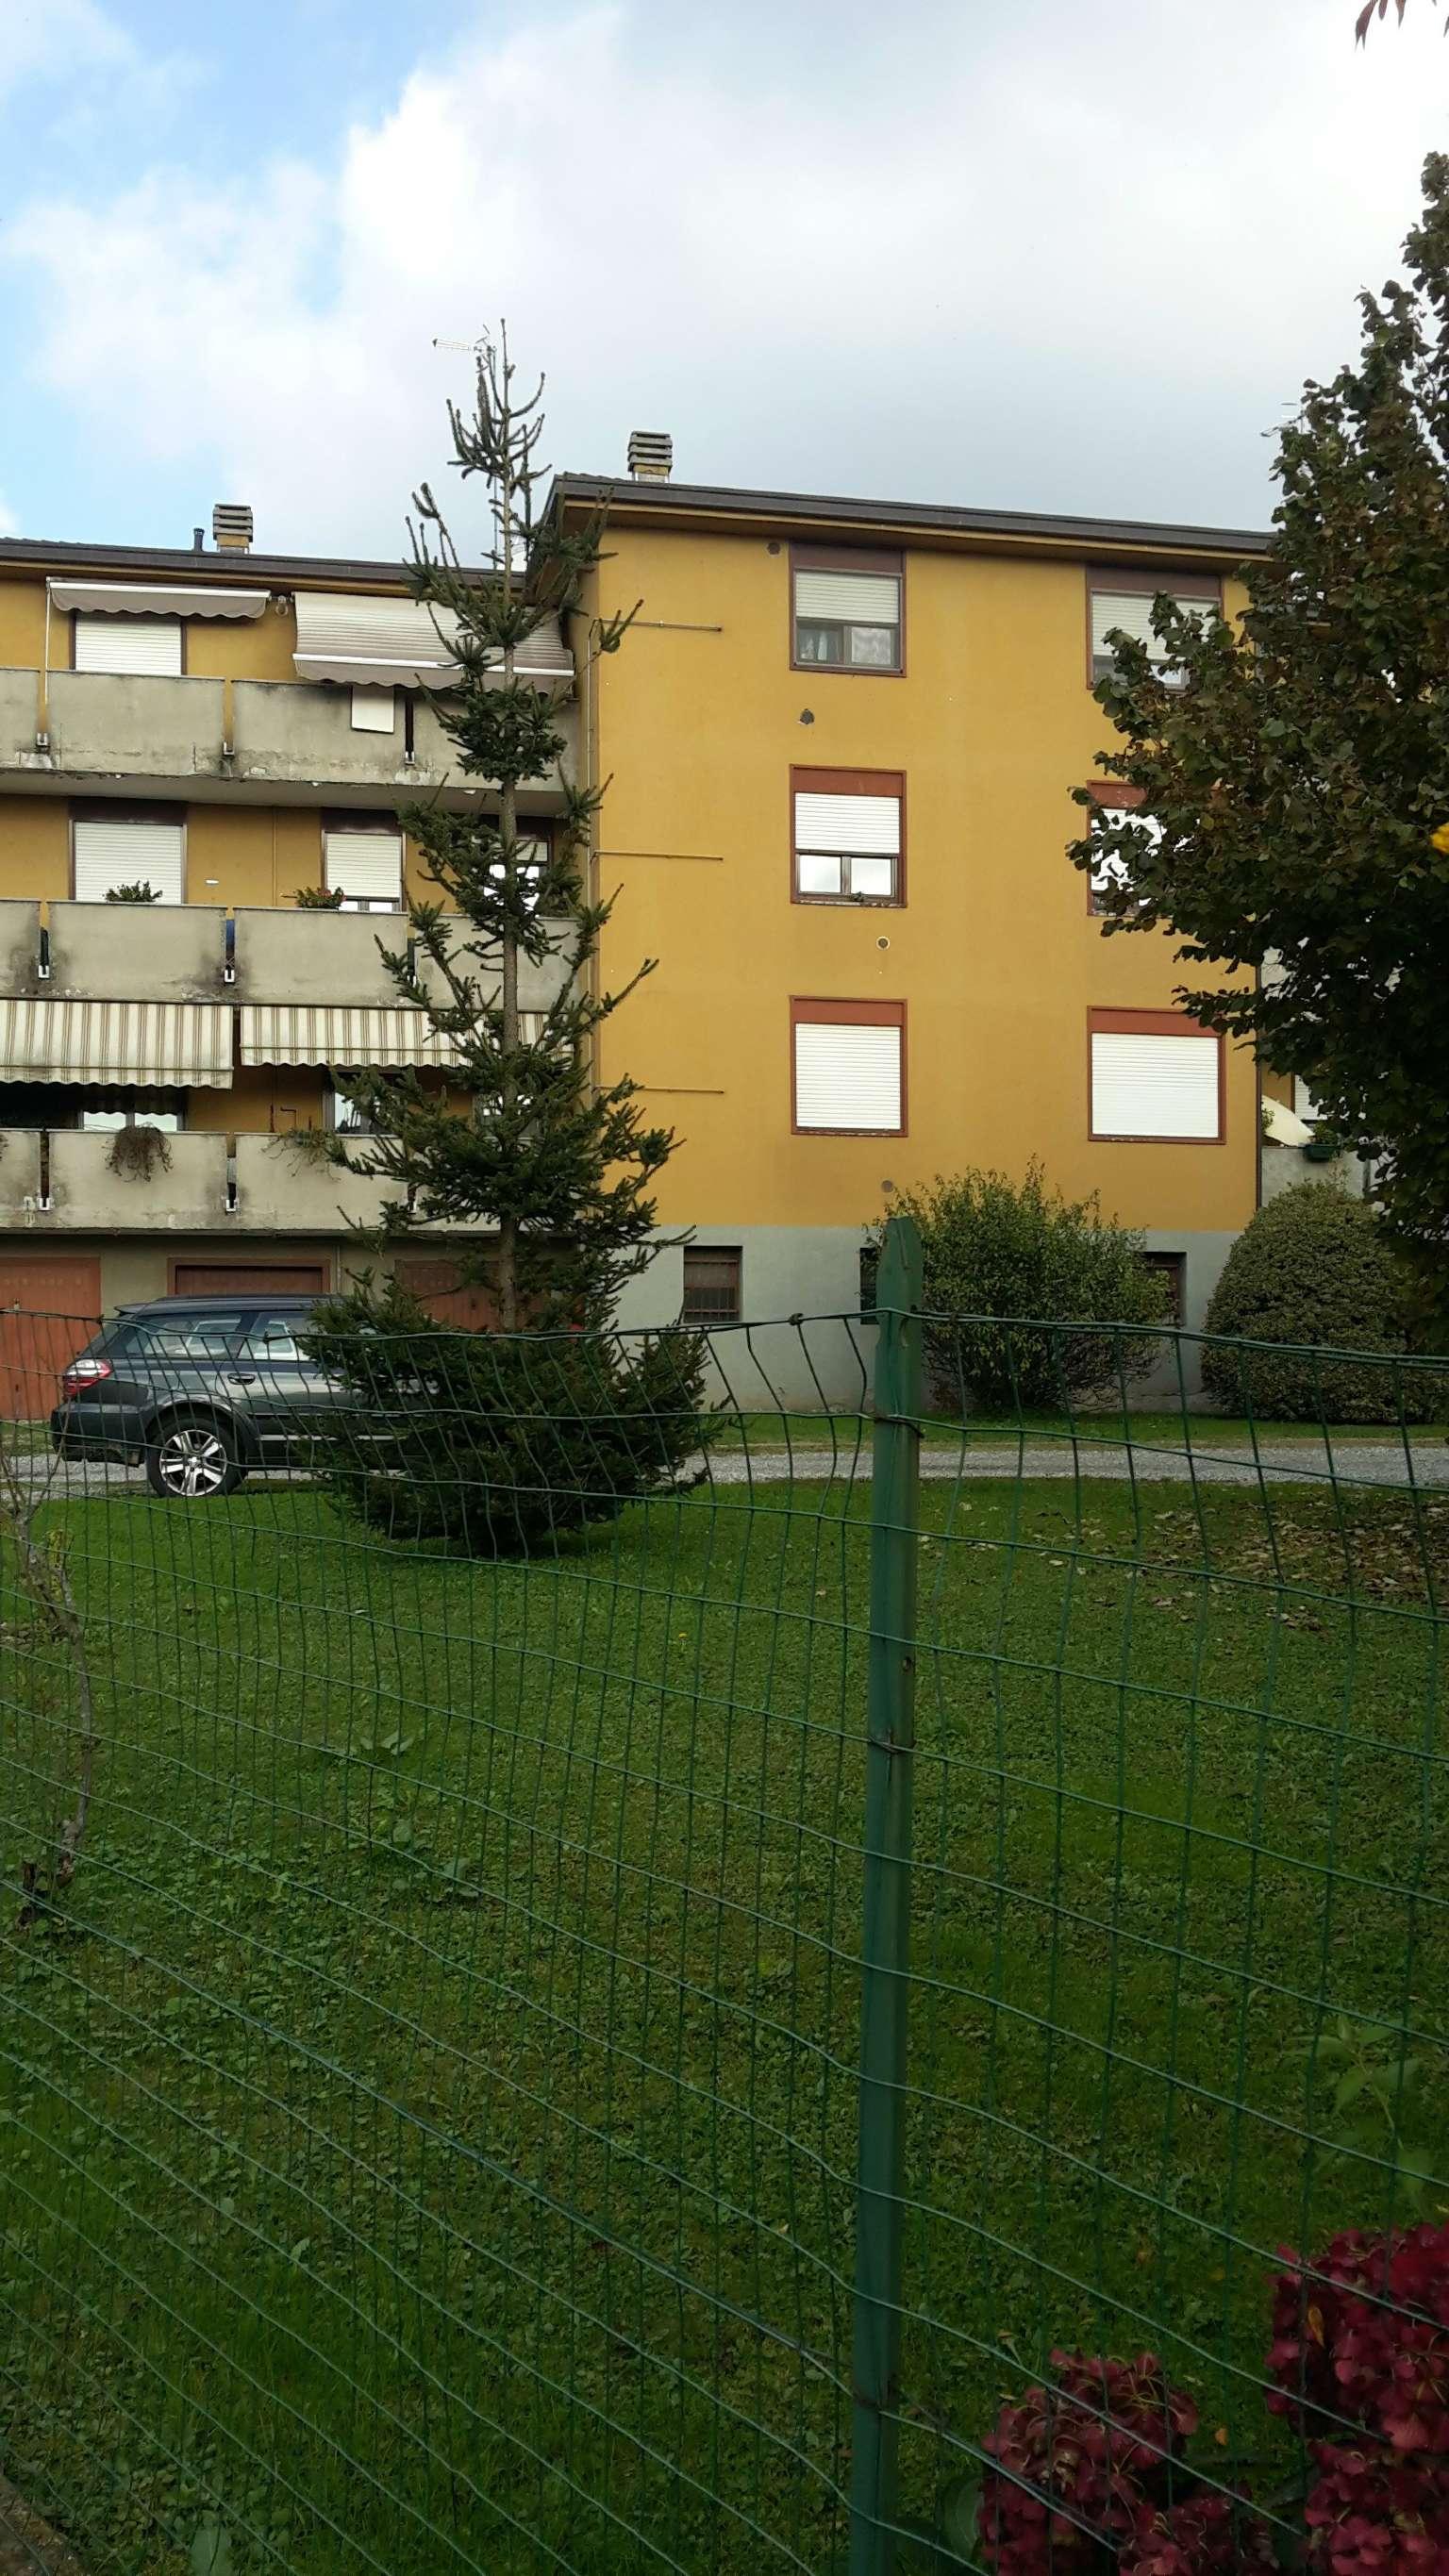 Appartamento in vendita a Venegono Superiore, 2 locali, prezzo € 110.000 | Cambio Casa.it